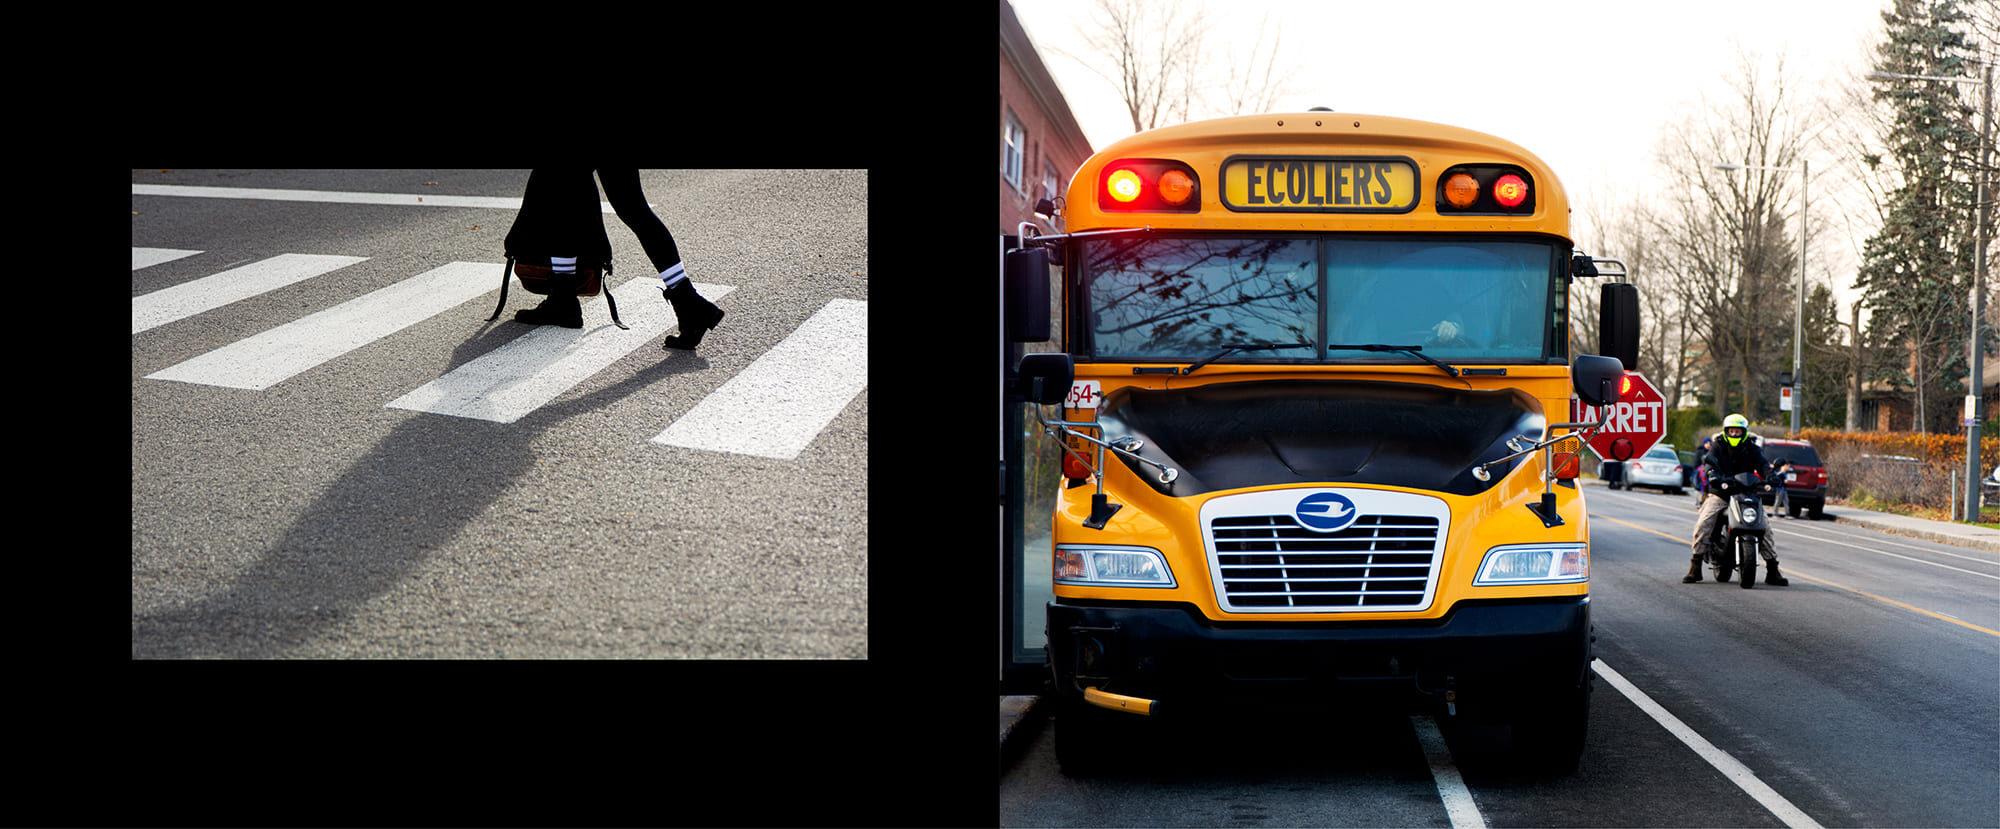 La Fédération des transporteurs par autobus